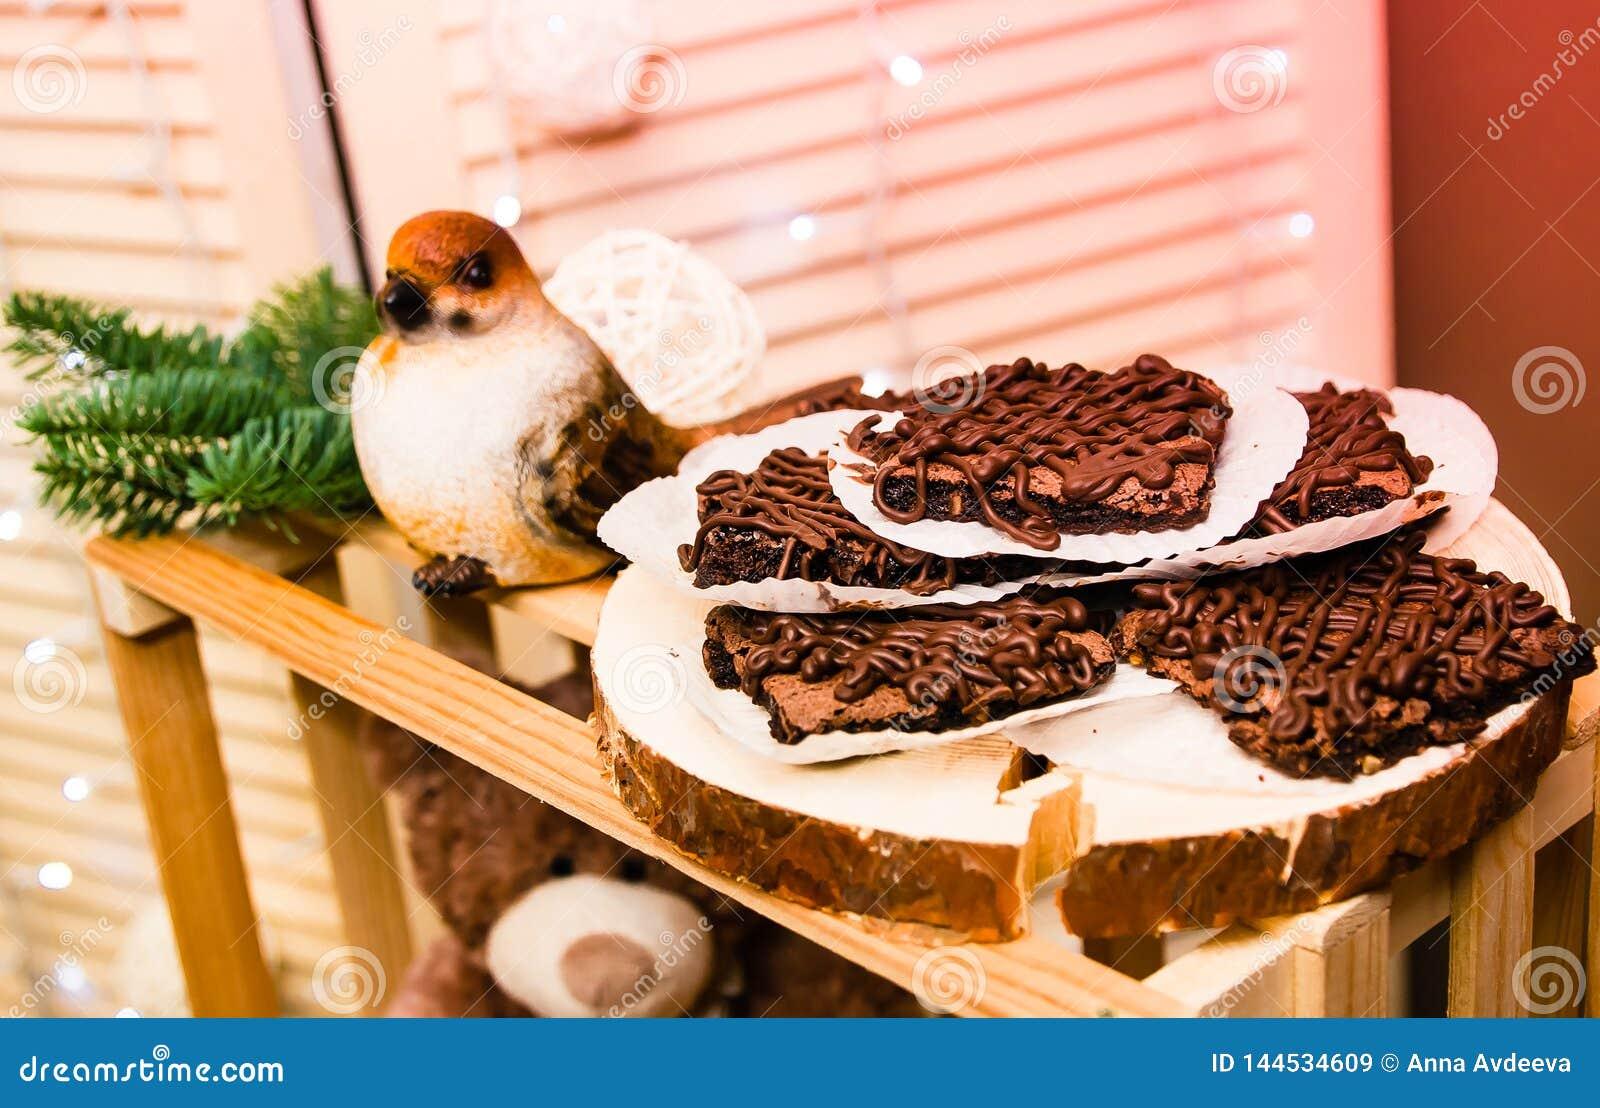 Διακόσμηση Χριστουγέννων με ένα πουλί και ένα πιάτο των μπισκότων